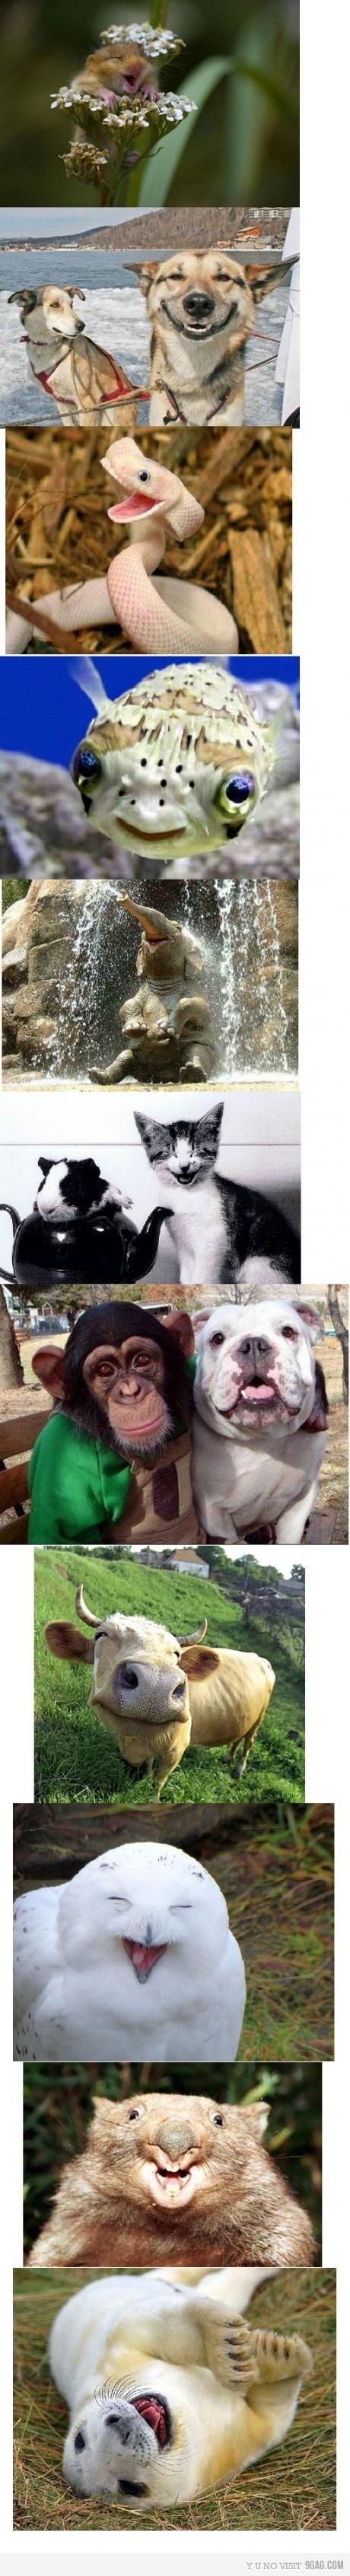 <3 happy animals